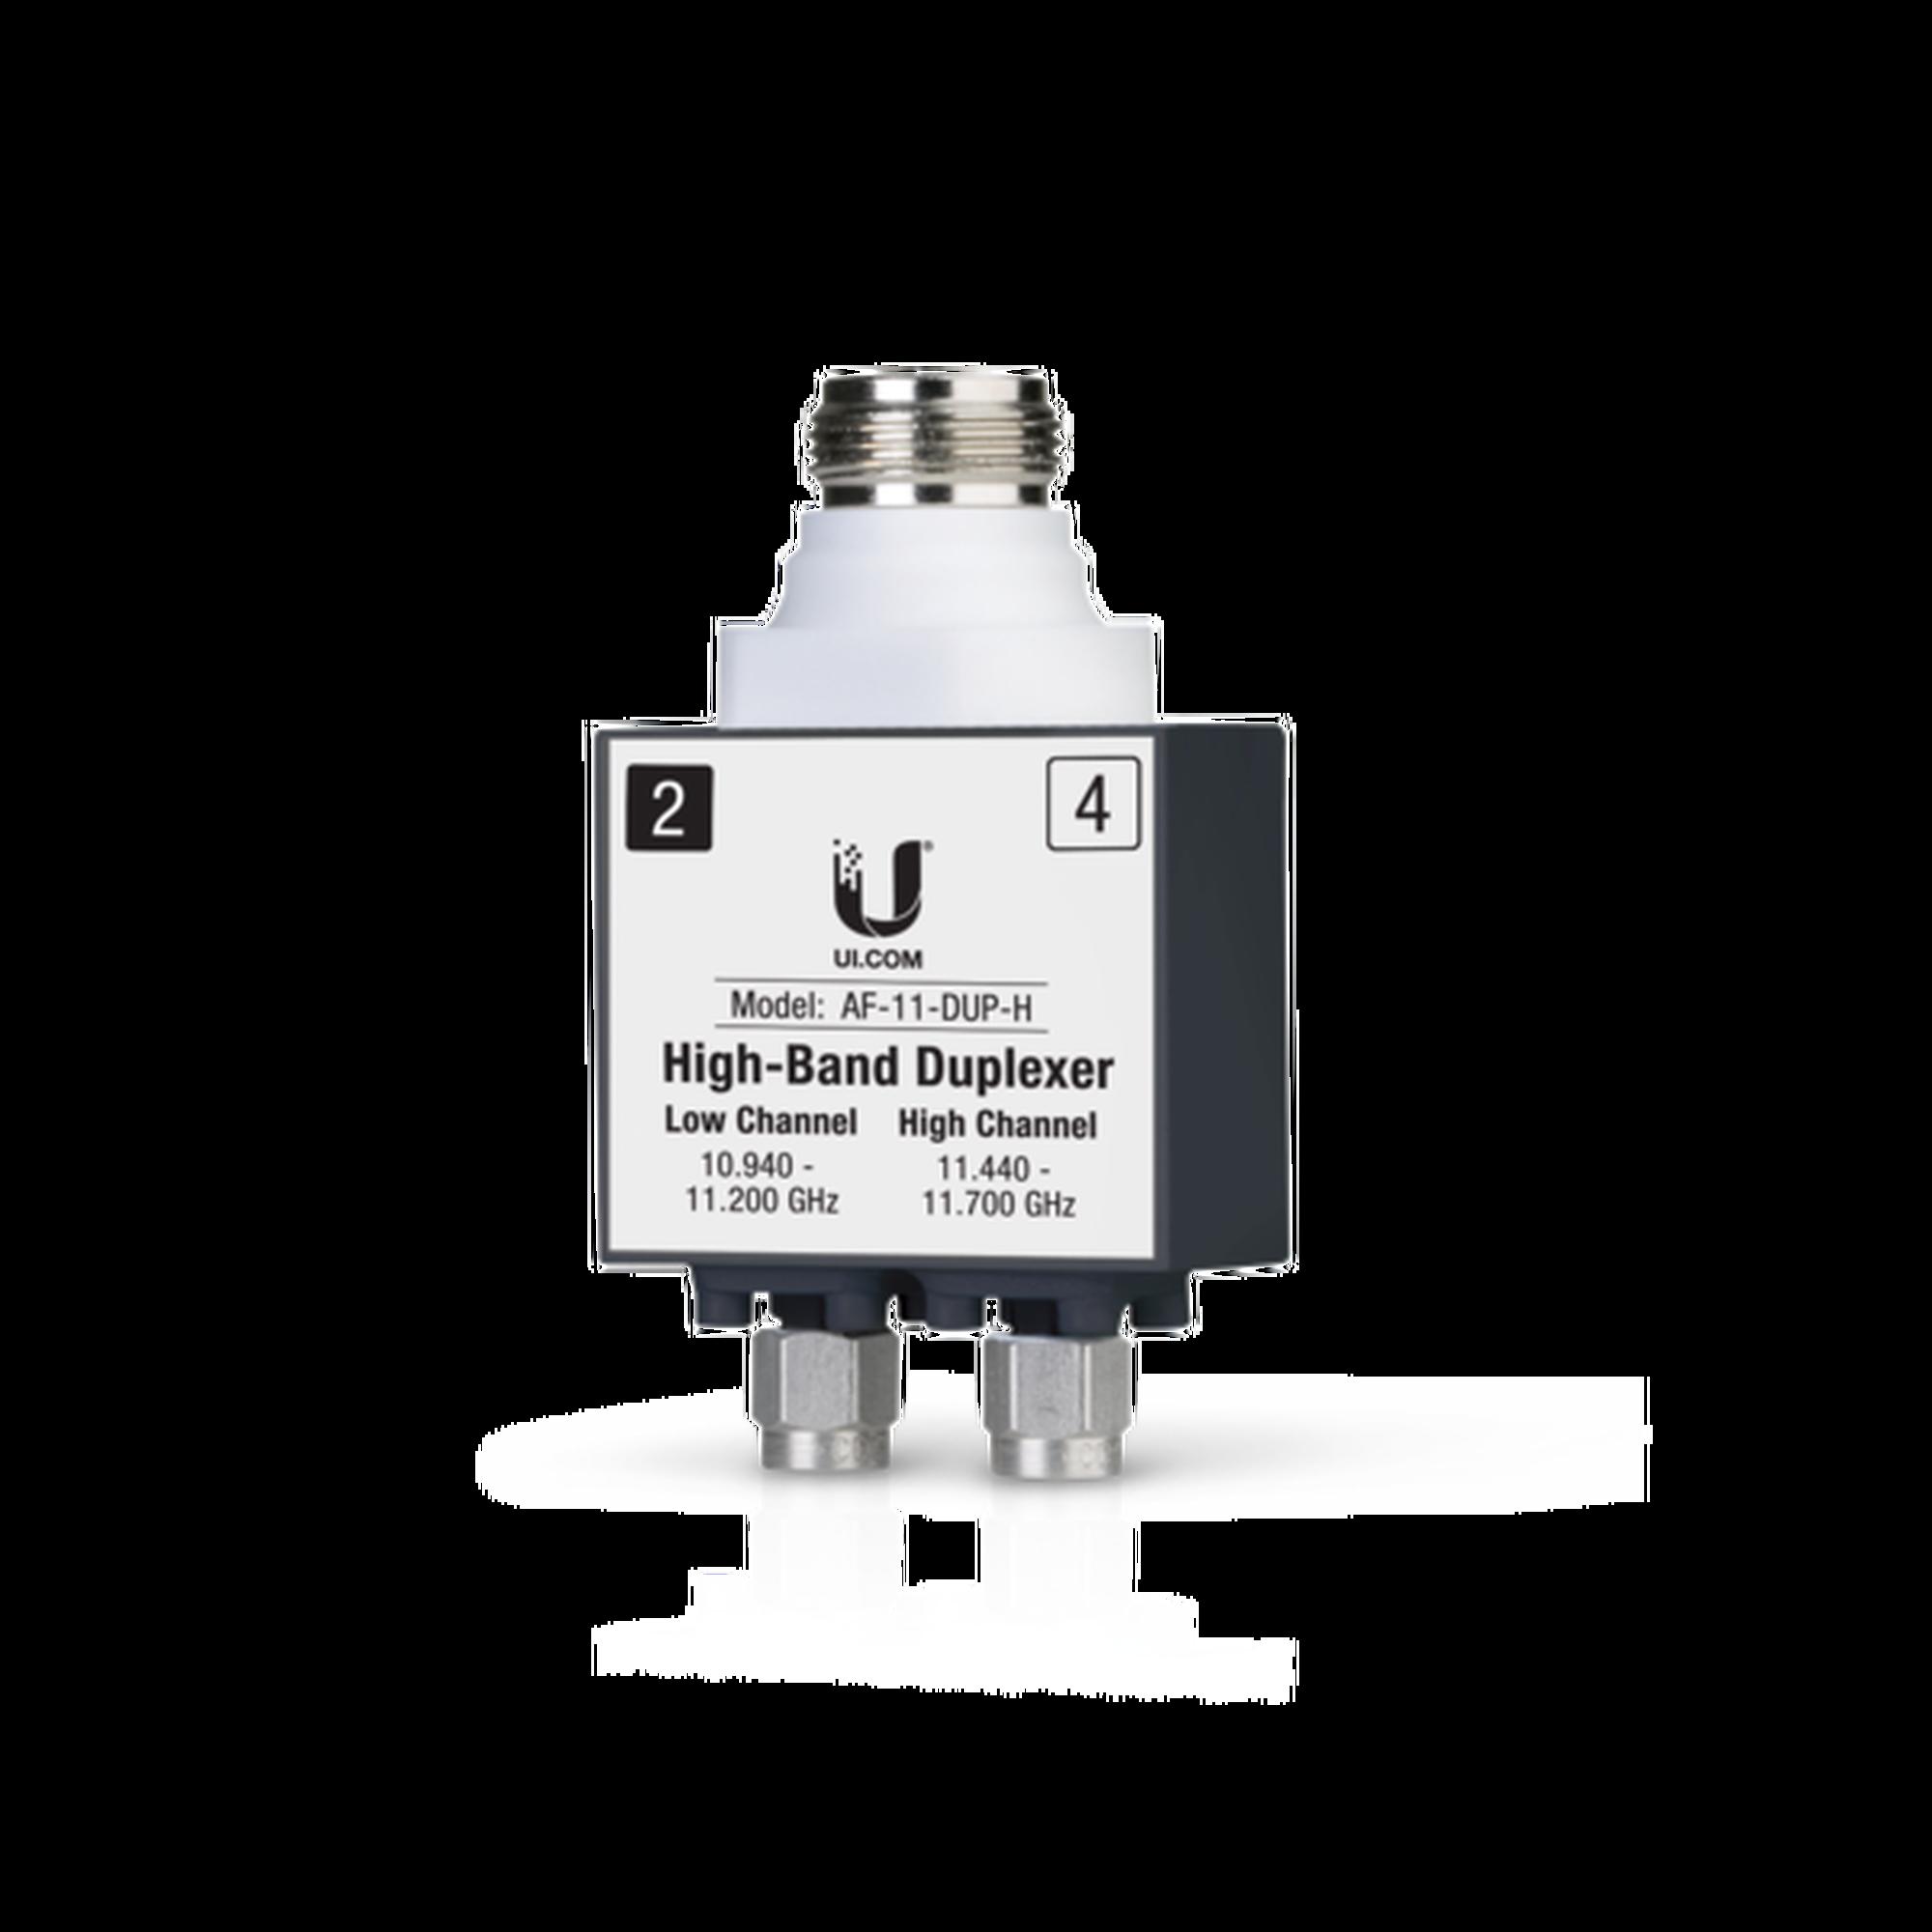 Duplexer para AF-11, banda licenciada de 11 GHz de banda alta (10.940-11.200 GHz y 11.440-11.700 GHz)